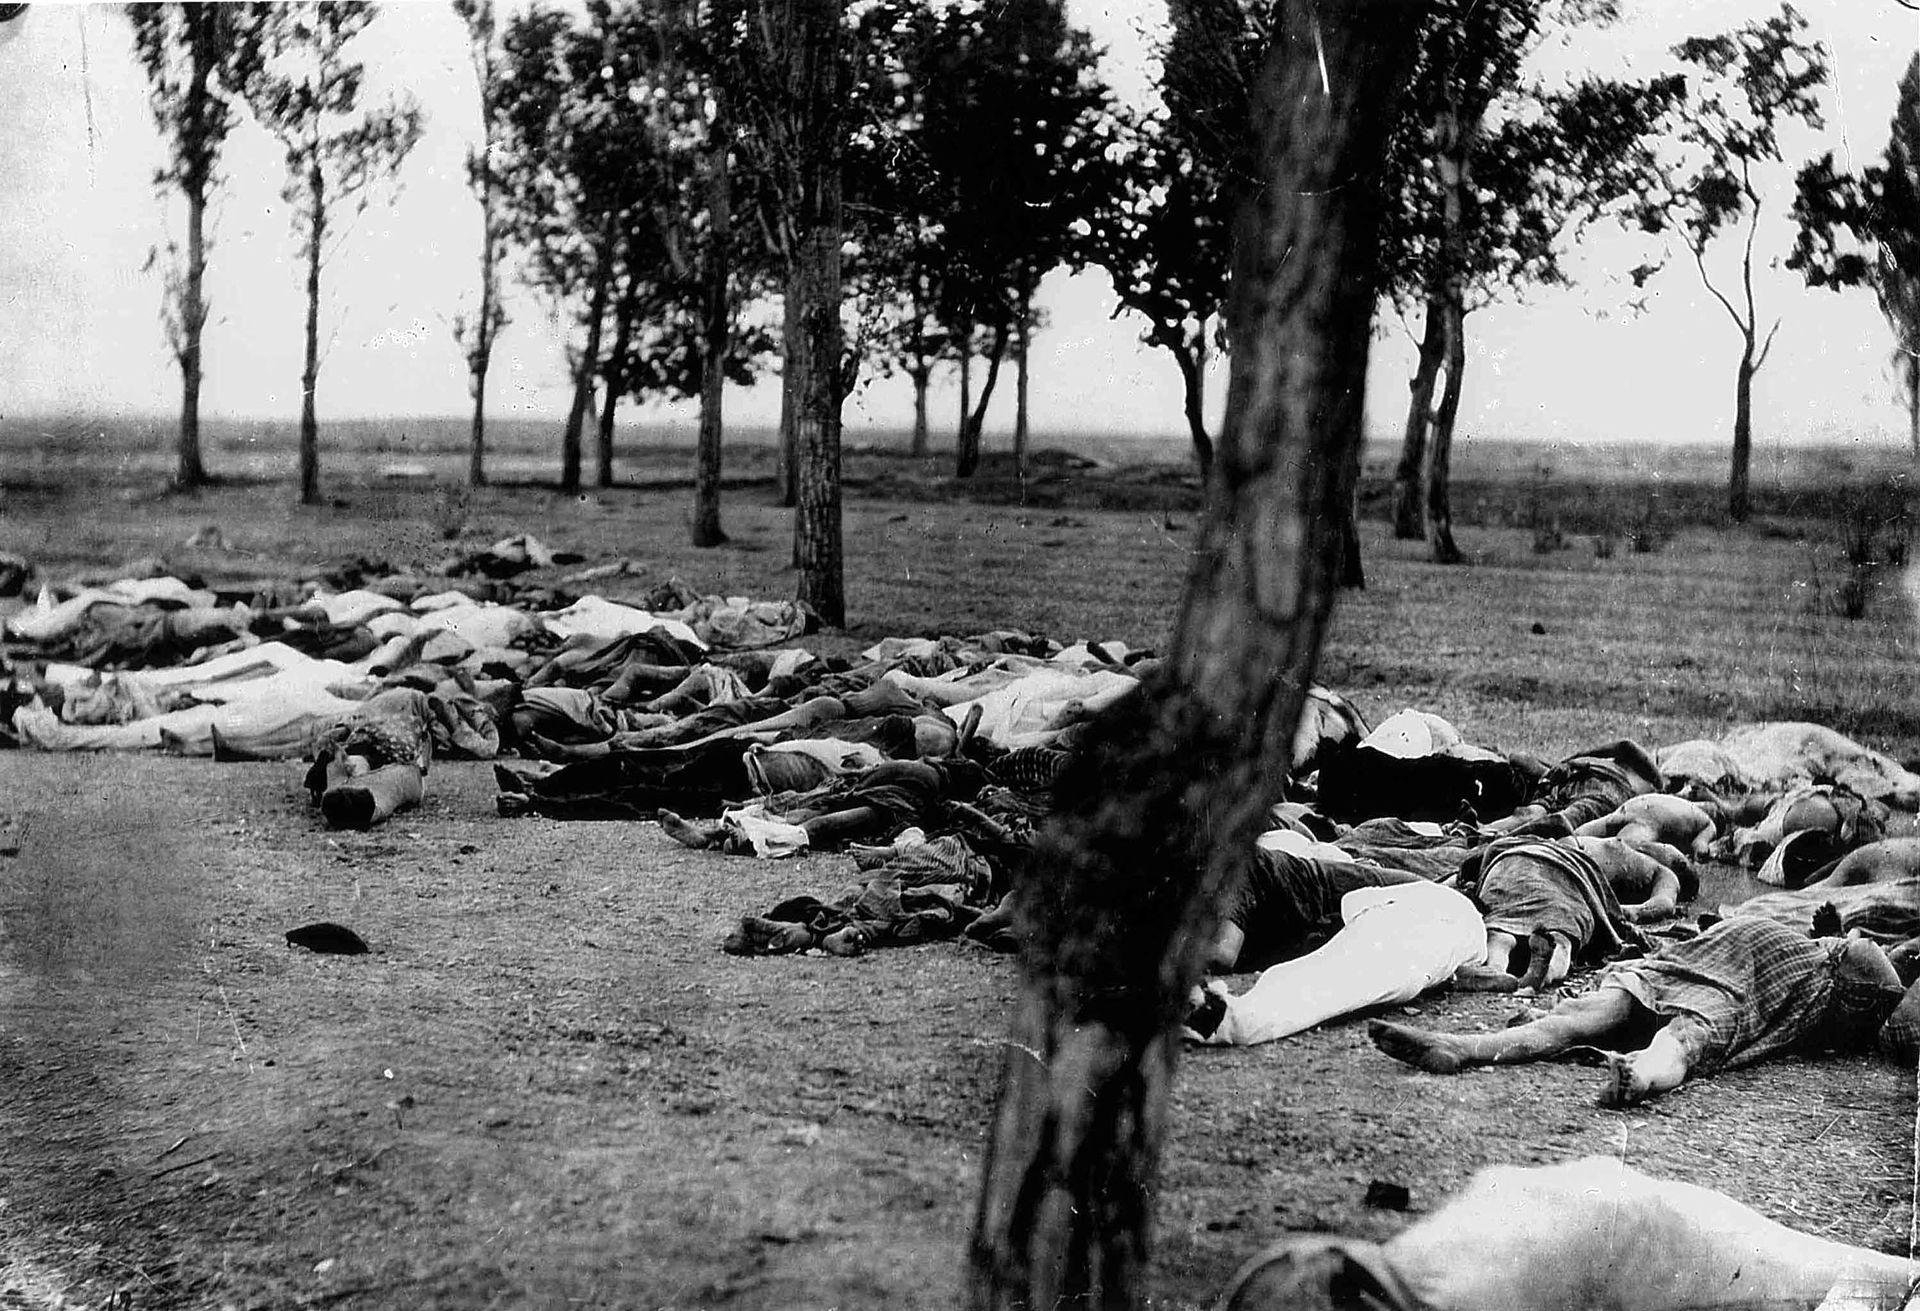 الإبادة الجماعية للأرمن الصورة مأخوذة من قصة السفير مورجينثاو كتبها هنري مورجينثاو الأب ونشرت في عام 1918 (وكيميديا)